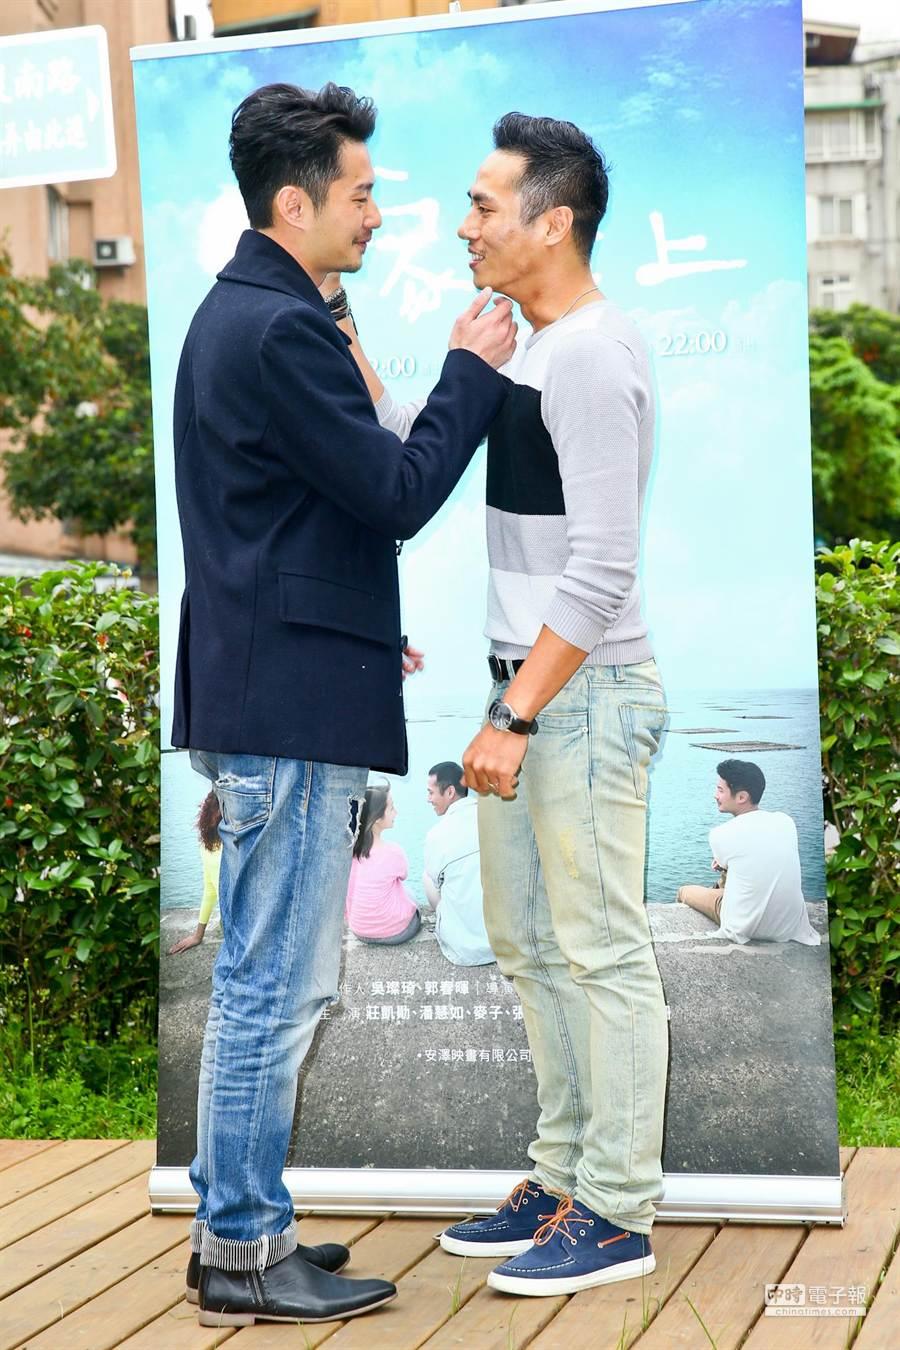 莊凱勛(右)、周詠軒在劇中有同志戲碼。(林弘斌攝)